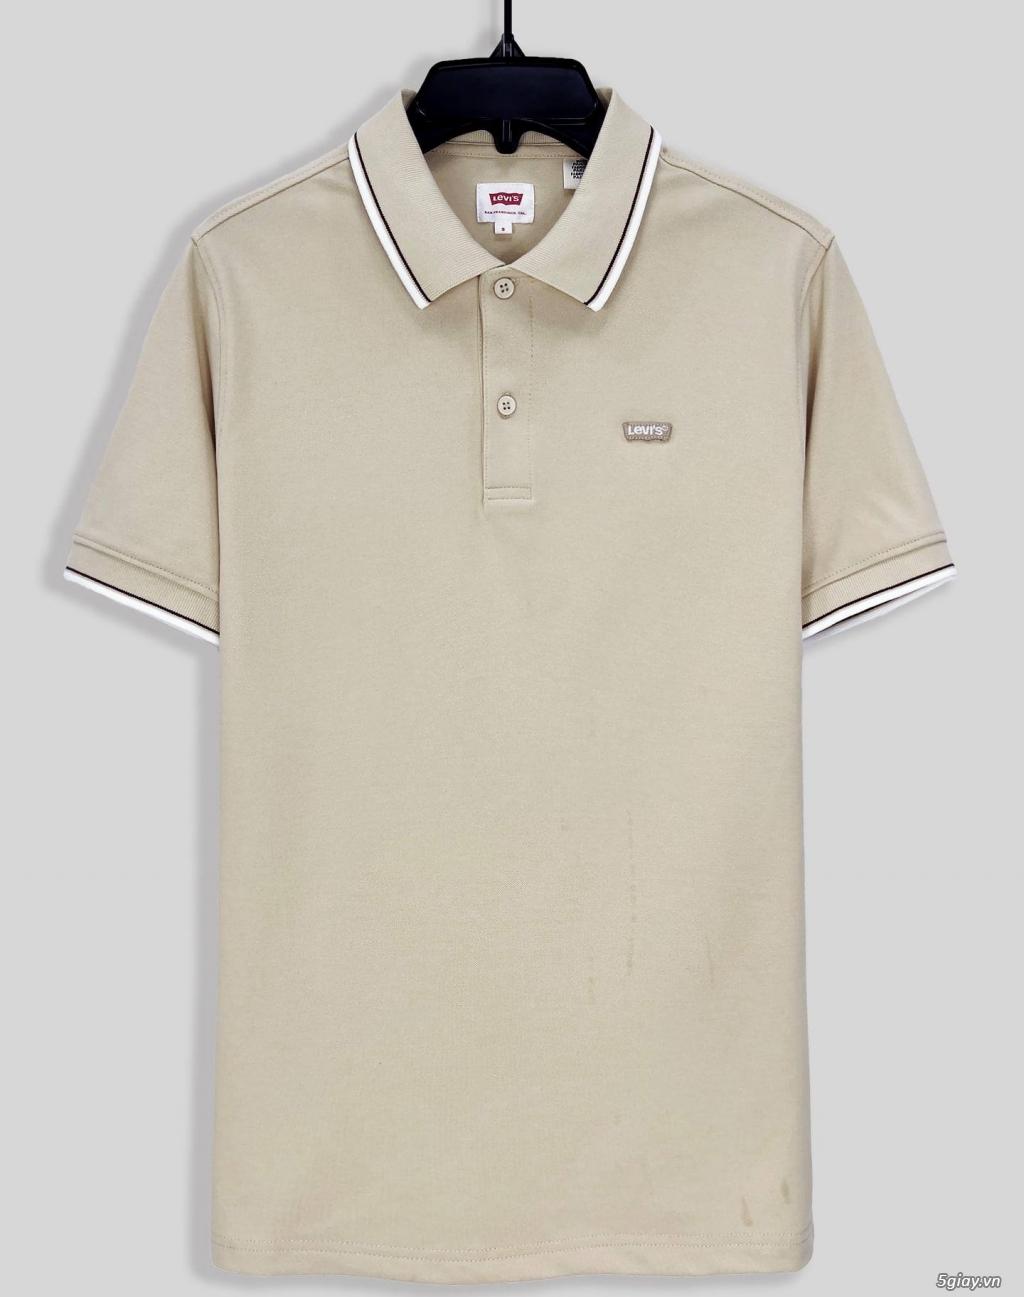 <<Y QUỲNH Store >>  chuyên bán áo sơ mi - áo thun - Hàng Hiệu Tuyển chọn - VNXK - 21